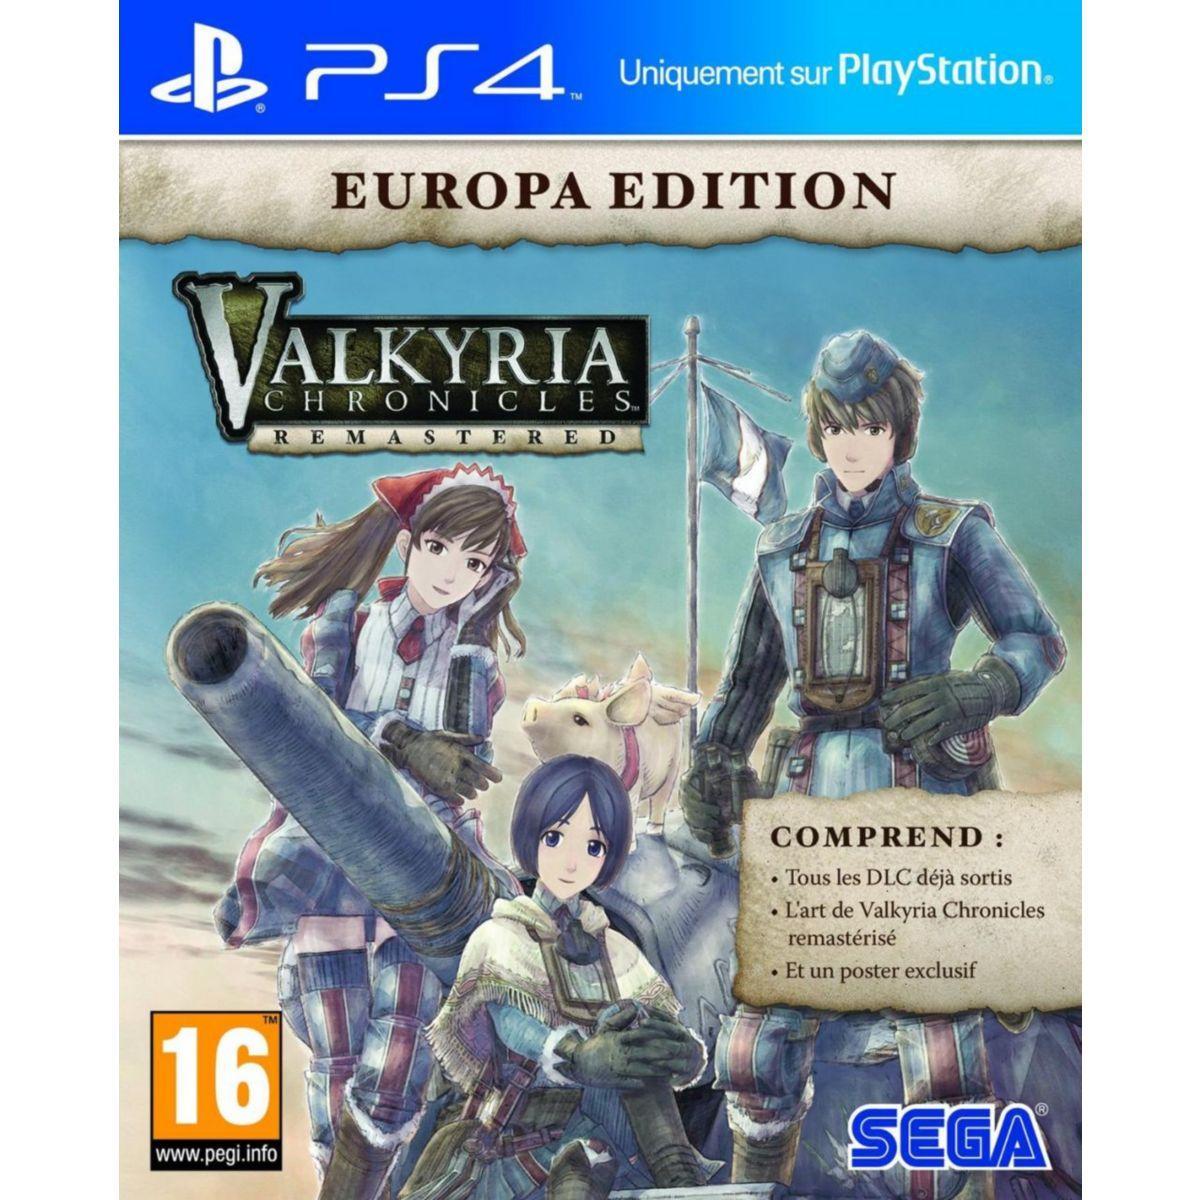 Jeu ps4 koch media valkyria chronicles remastered europa ed (photo)